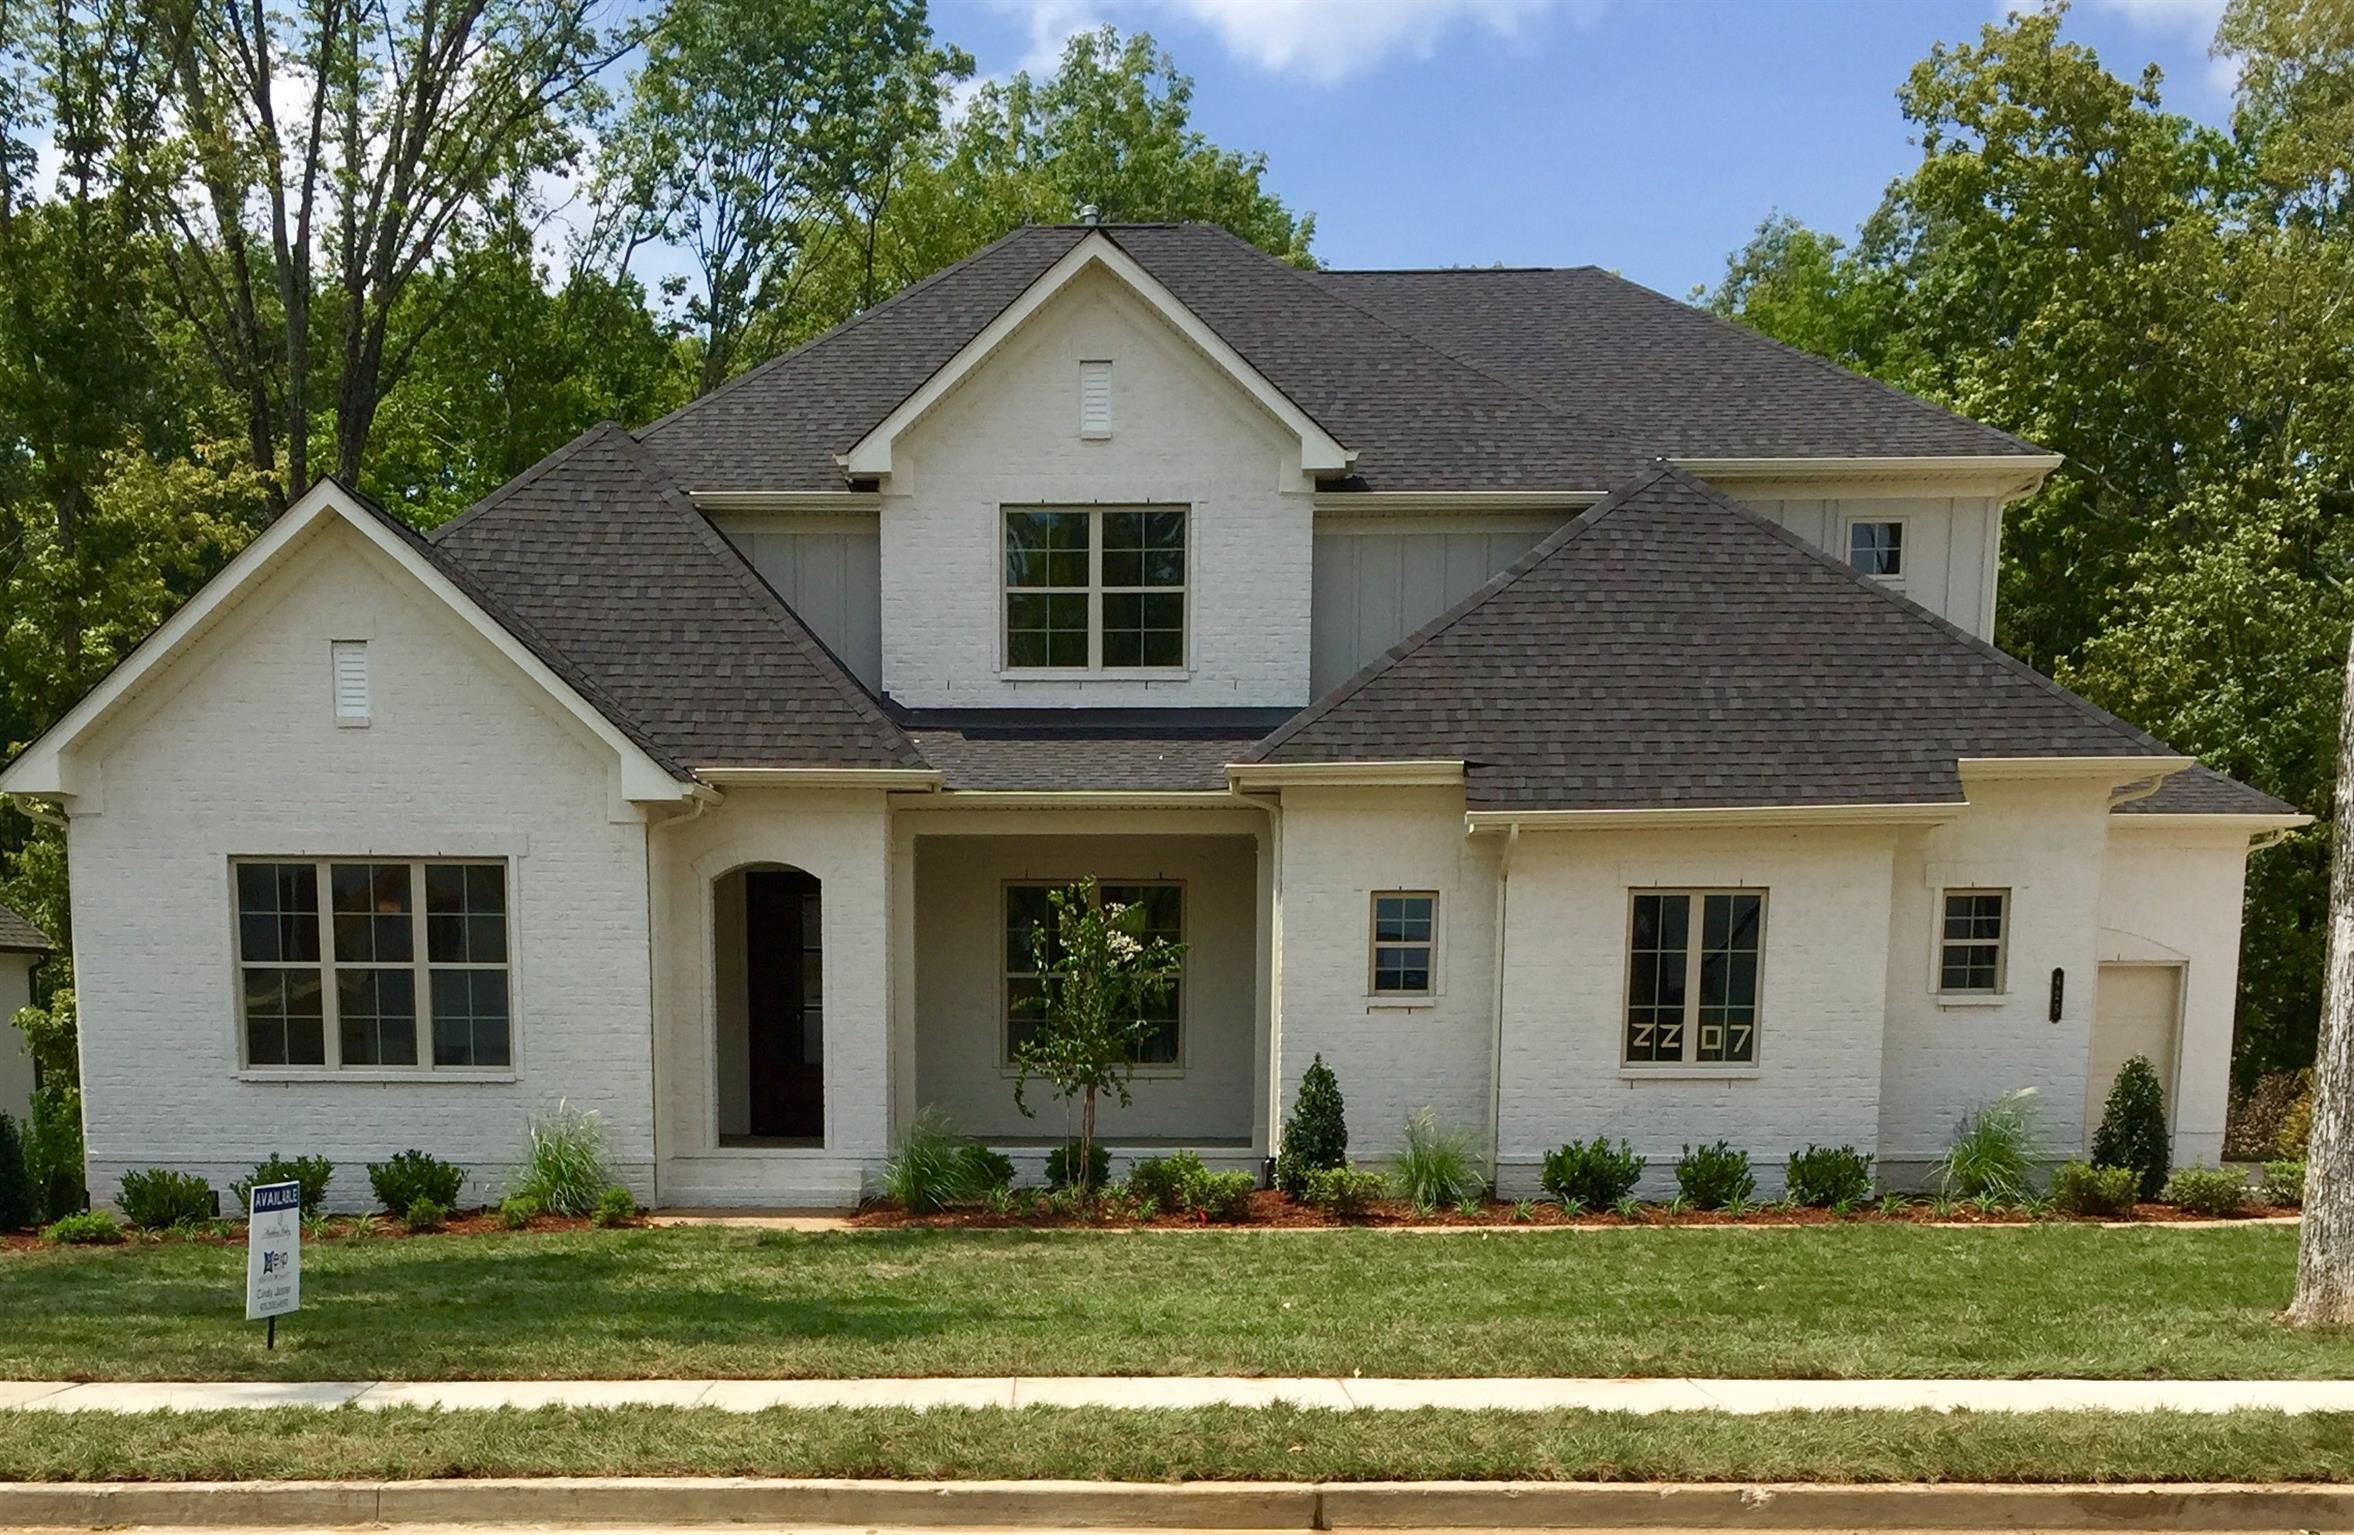 425 Oldenburg Rd. (lot 2207), Nolensville, TN 37135